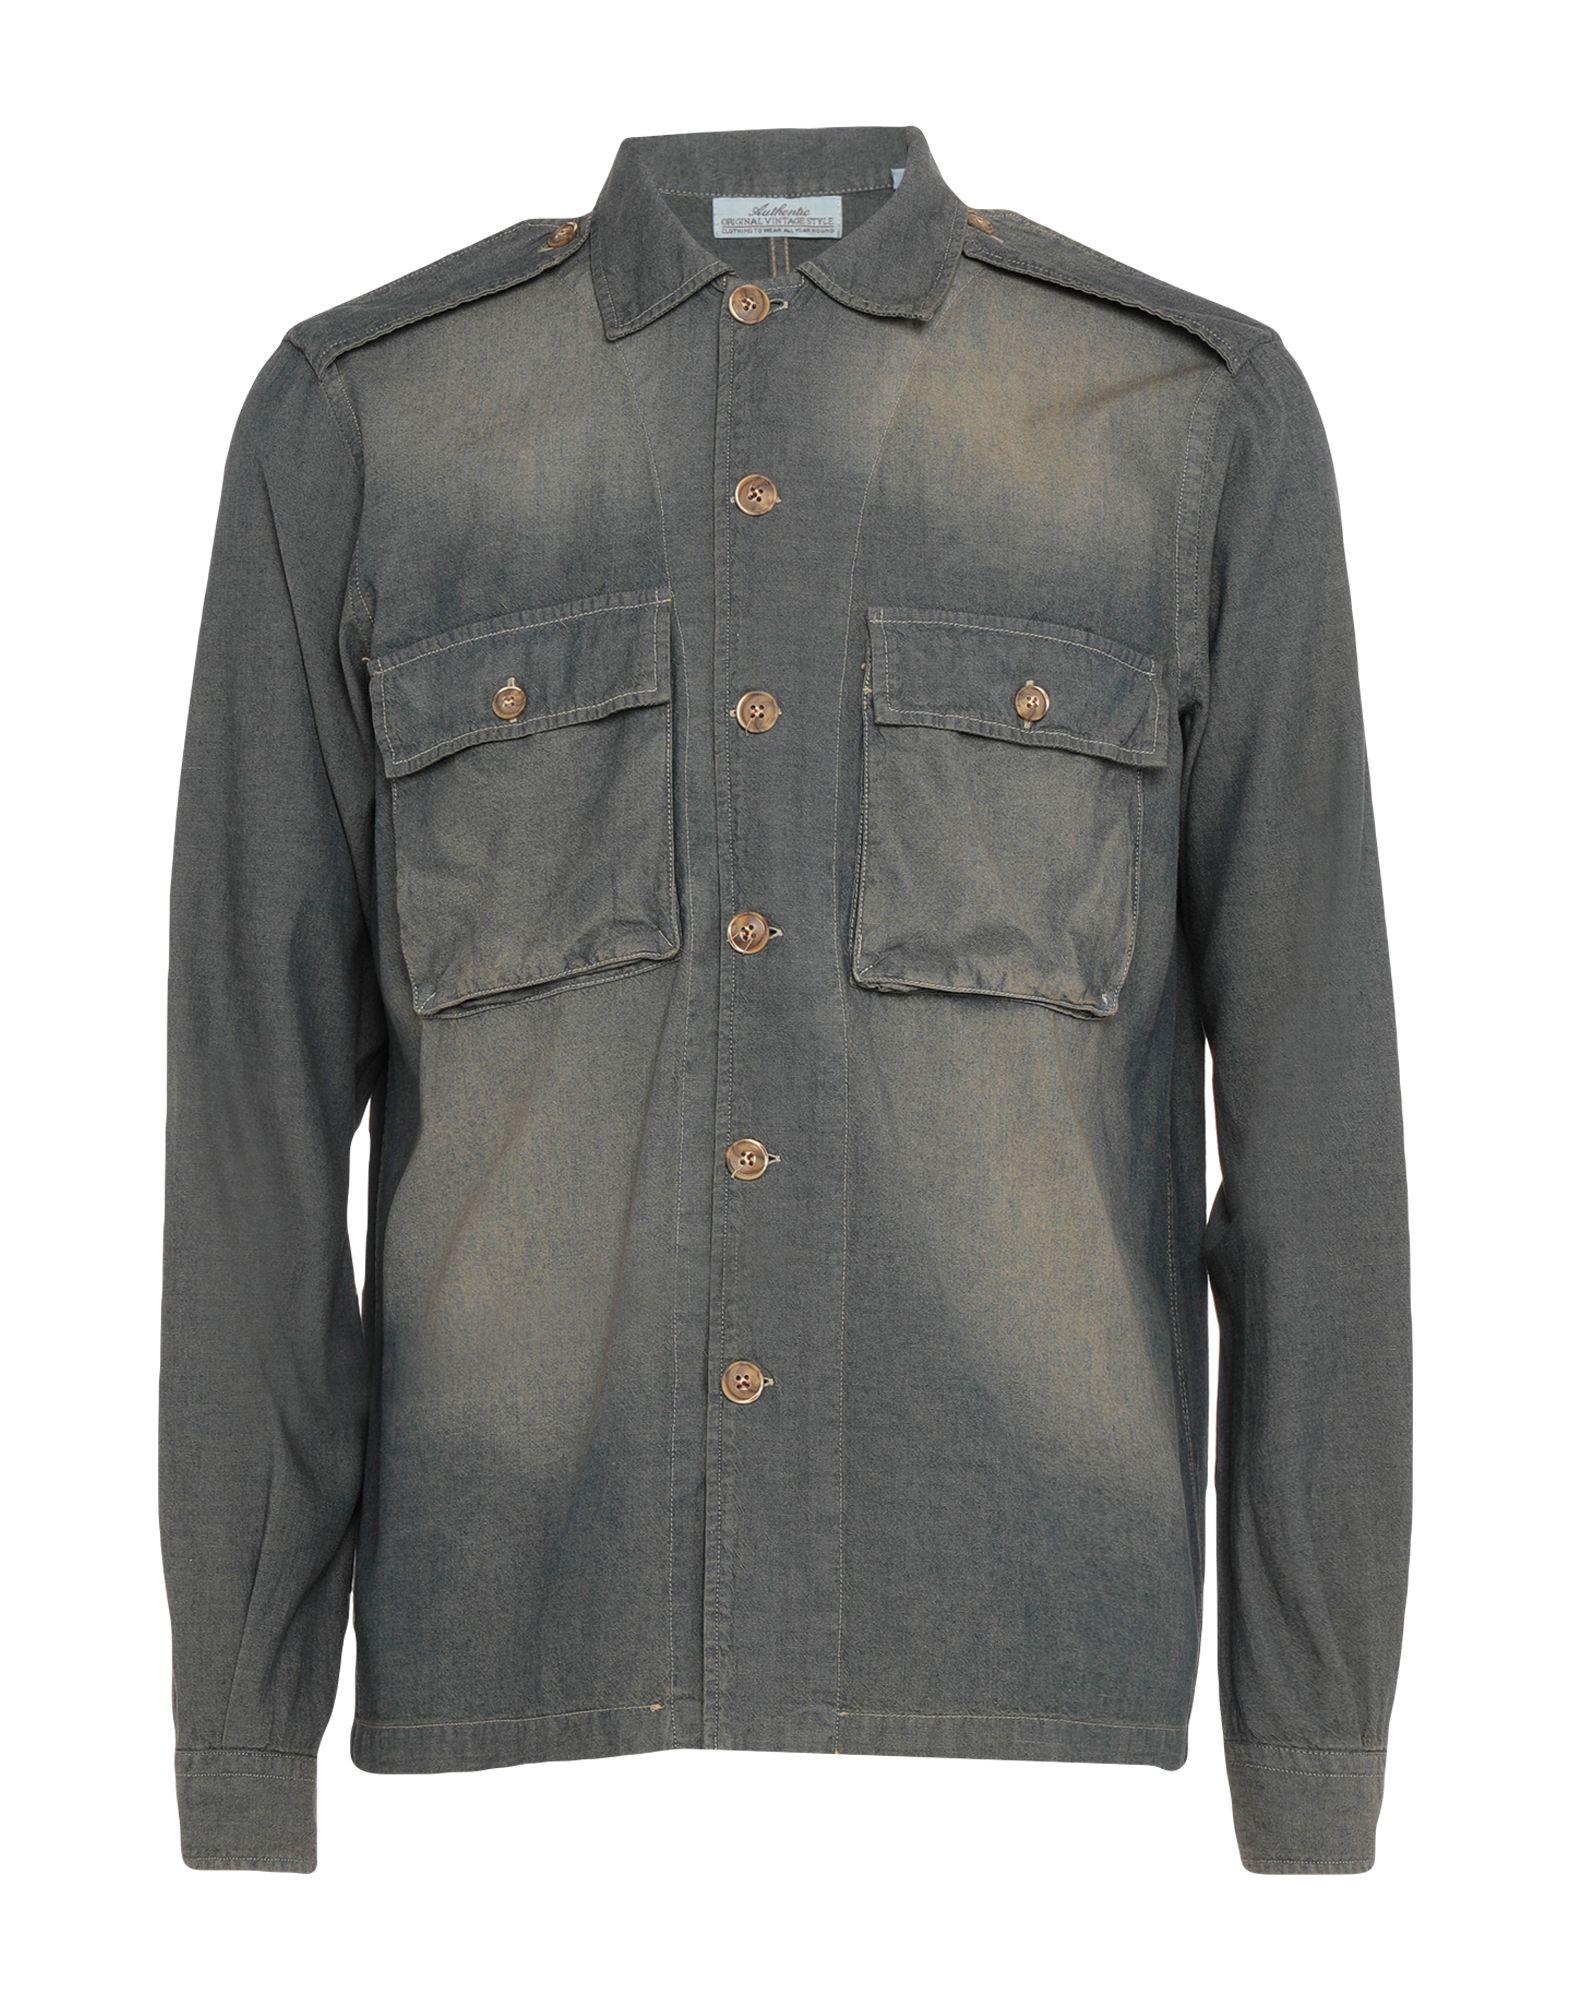 Camicia 42648134AN Jeans autentico Original Vintage Style Uomo - 42648134AN Camicia fffd21